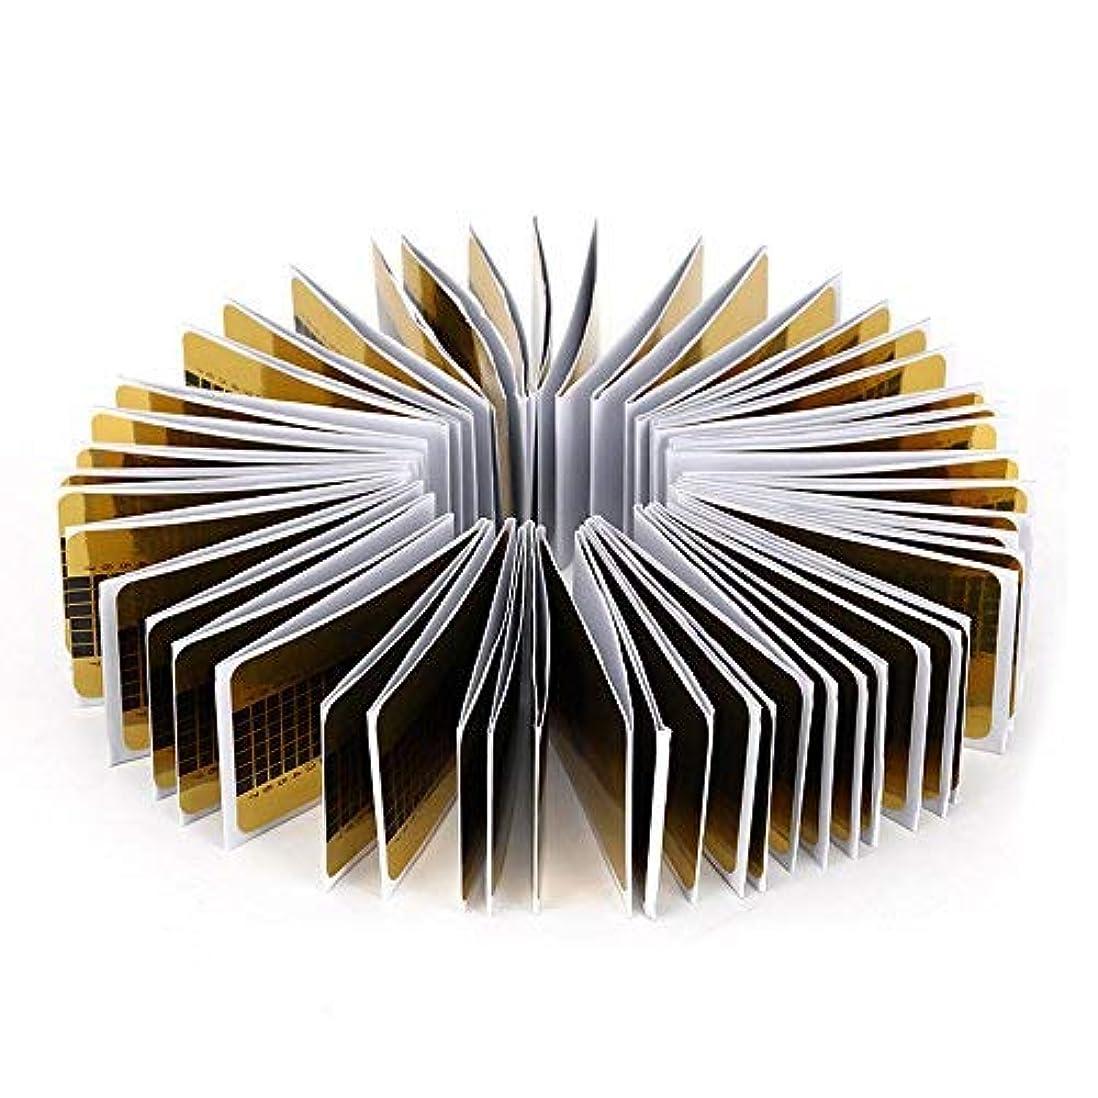 変換決定する四chaselpod ネイルフォーム 長さだしジェルネイルフォーム 紙製 使い捨て プロ用 100枚入れ